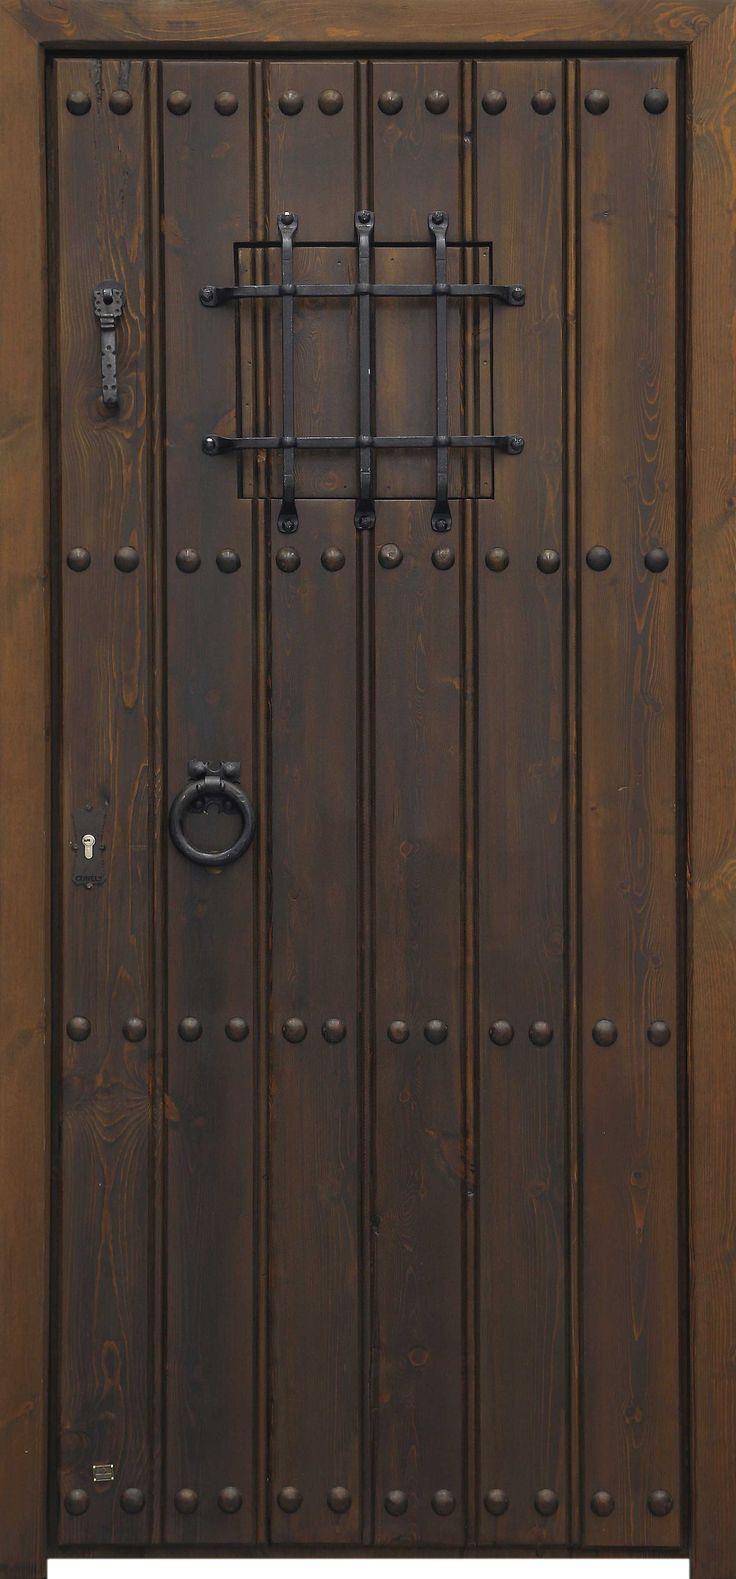 conely puertas de madera metal y forja rsticas artesanales decoracin